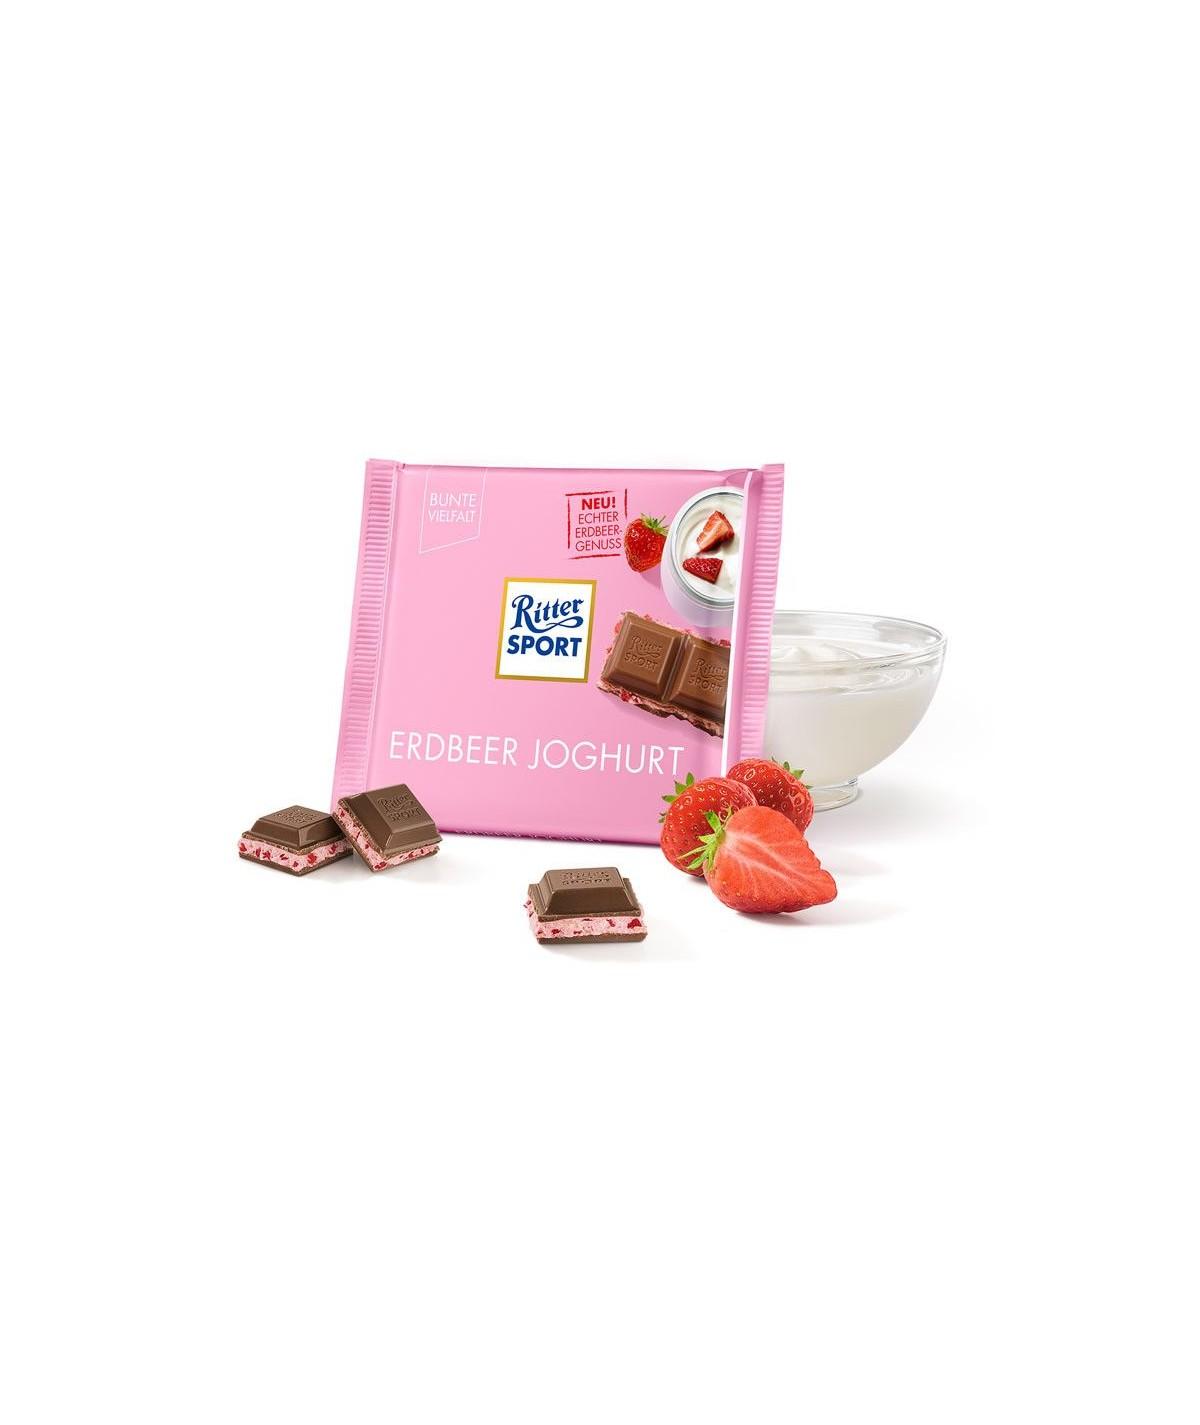 Erdbeer Joghurt Ritter Sport 100g